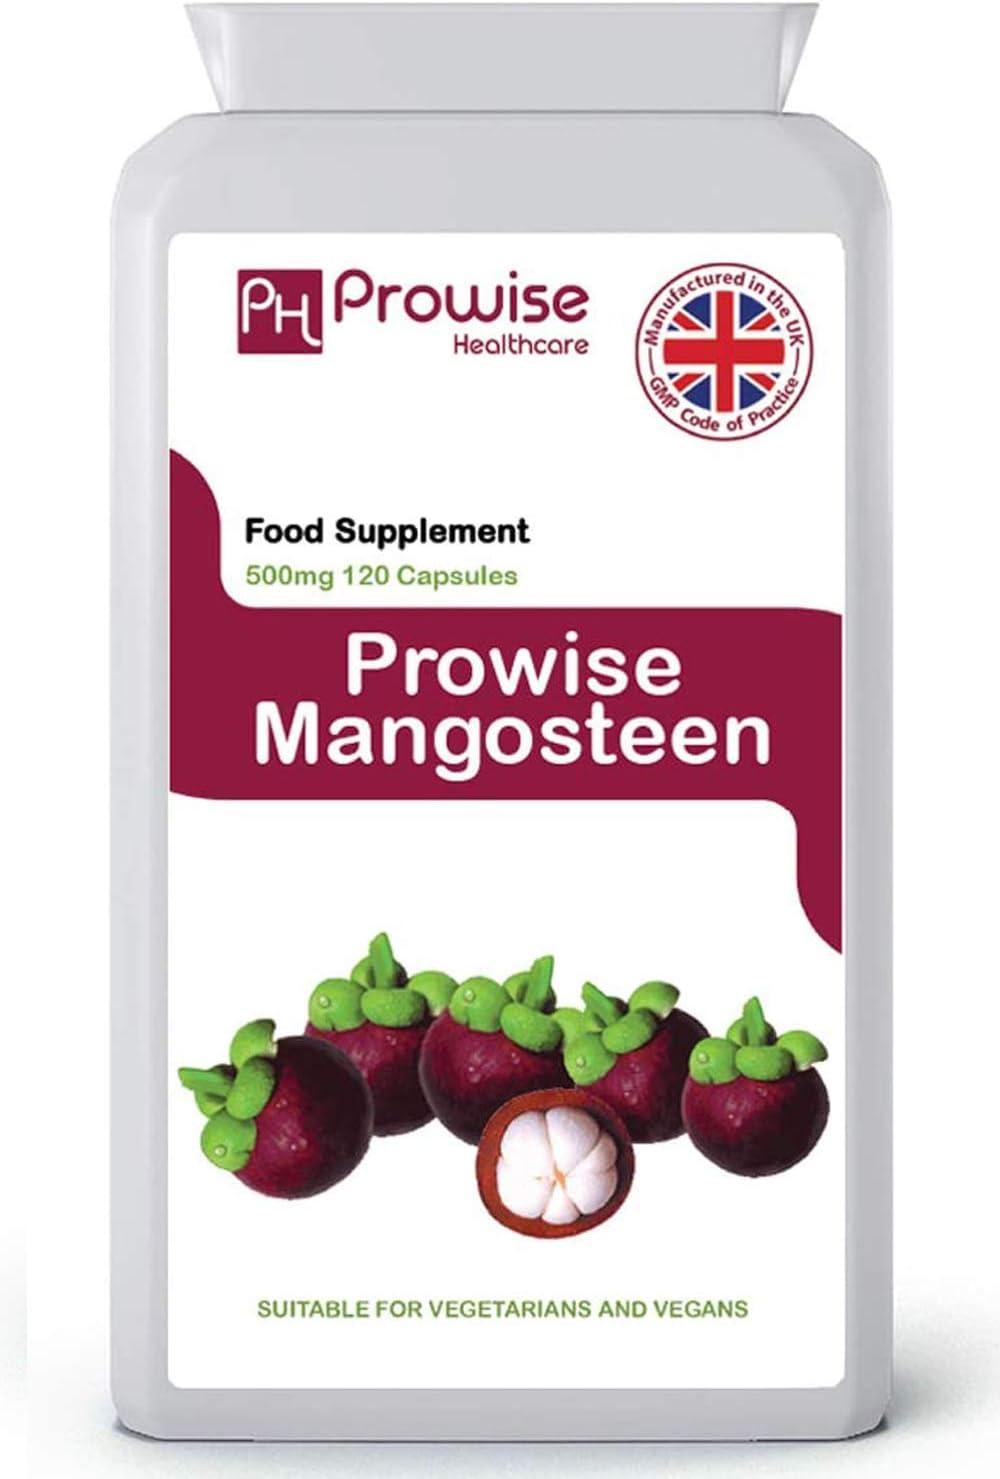 Mangostán 500 mg 120 cápsulas-Suplemento de salud antioxidante superalimento para apoyar el sistema inmunológico - Fabricado en el Reino Unido | Estándares GMP de Prowise Healthcare